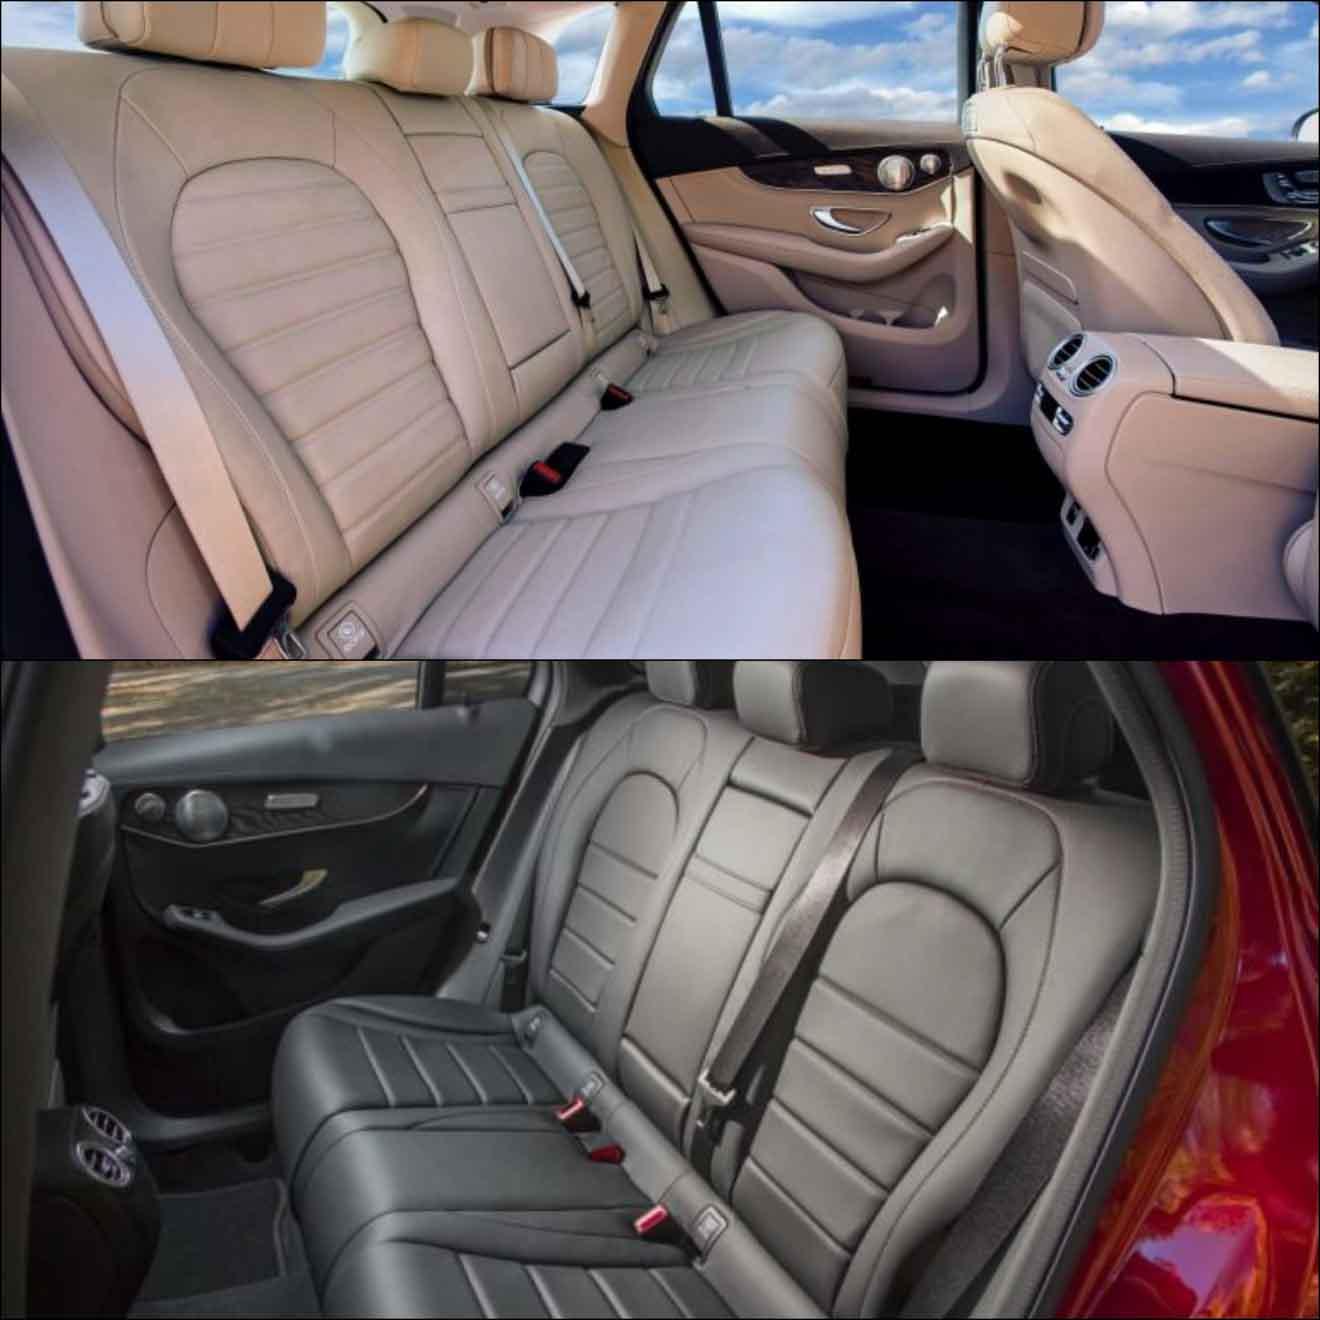 Mercedes-Benz ra mắt GLC-L phiên bản trục cơ sở kéo dài - 4